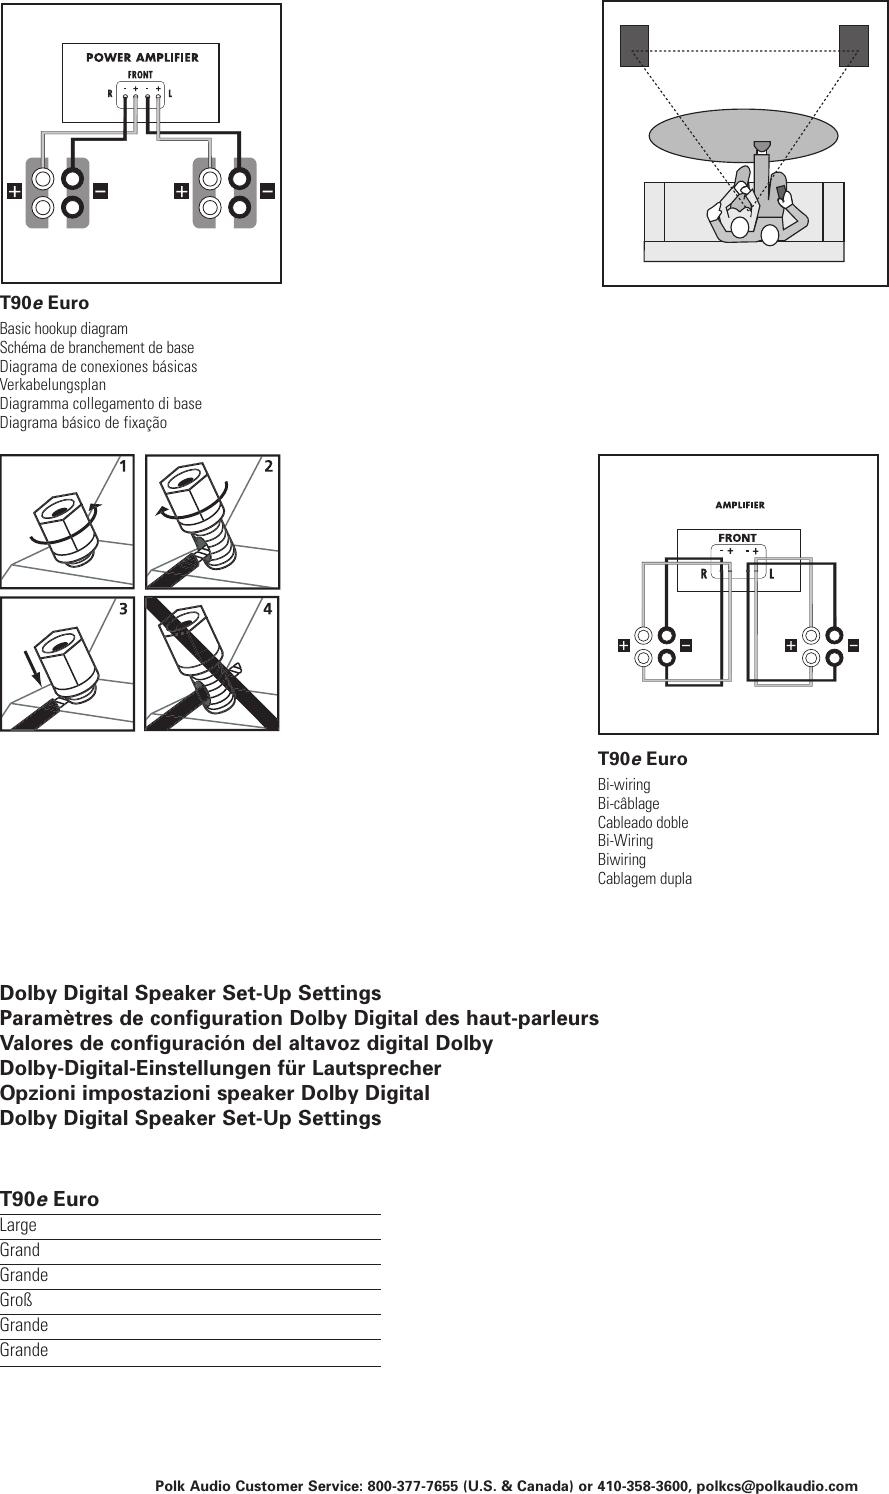 Polk Audio Polkaudio T90 Users Manual Wiring Diagram Page 2 Of 4